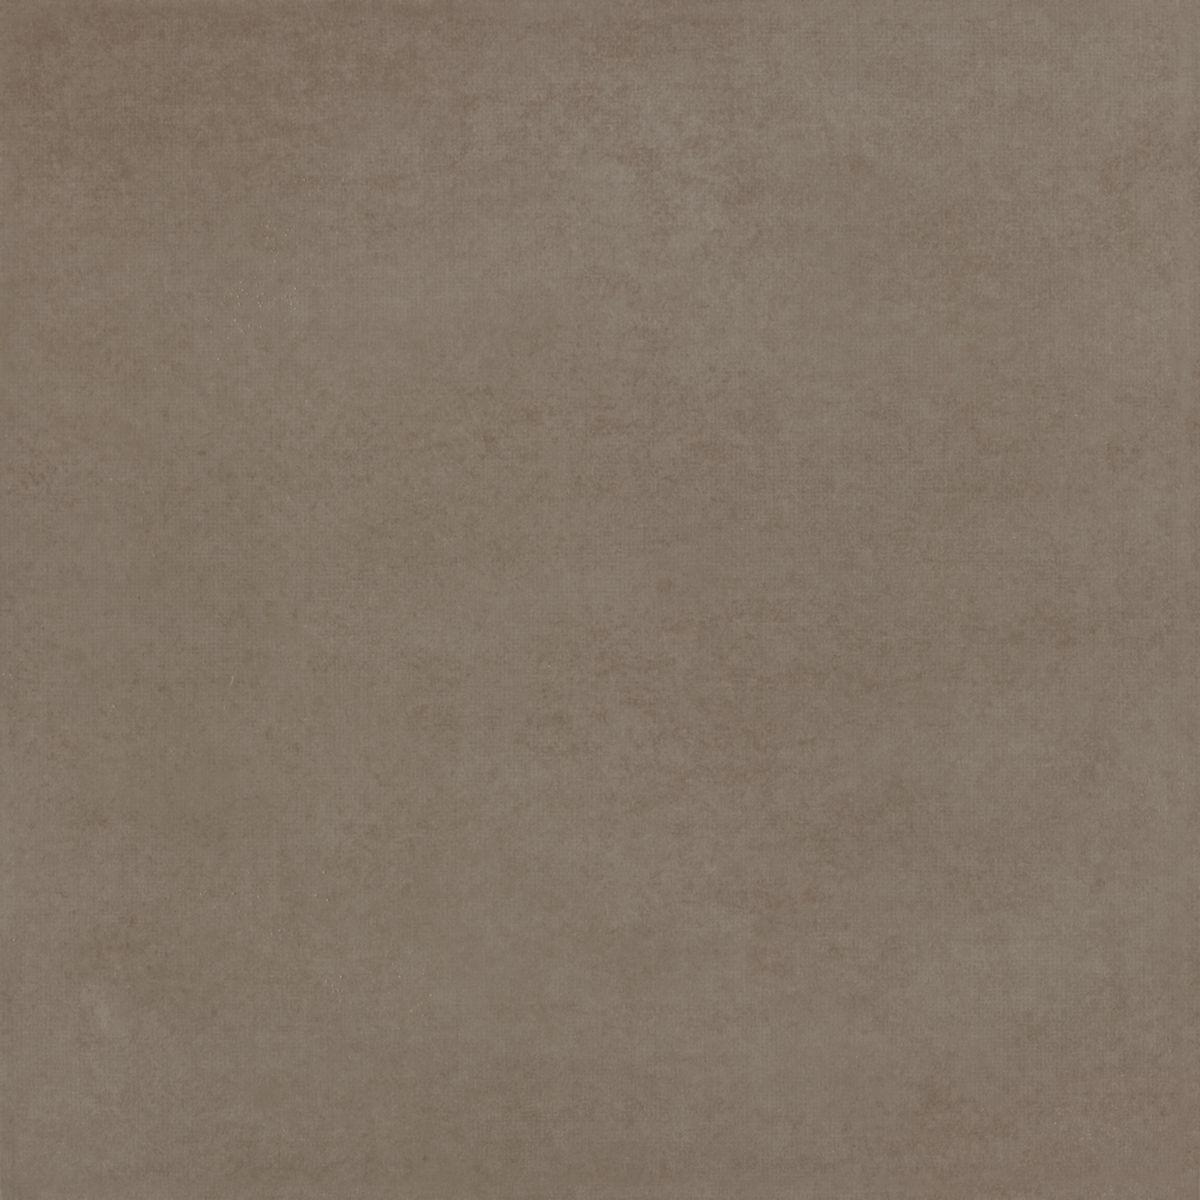 Carrelage Beige Et Marron plinthe carrelage sol intérieur grès cérame laser - marron - 9,5x59,7 cm